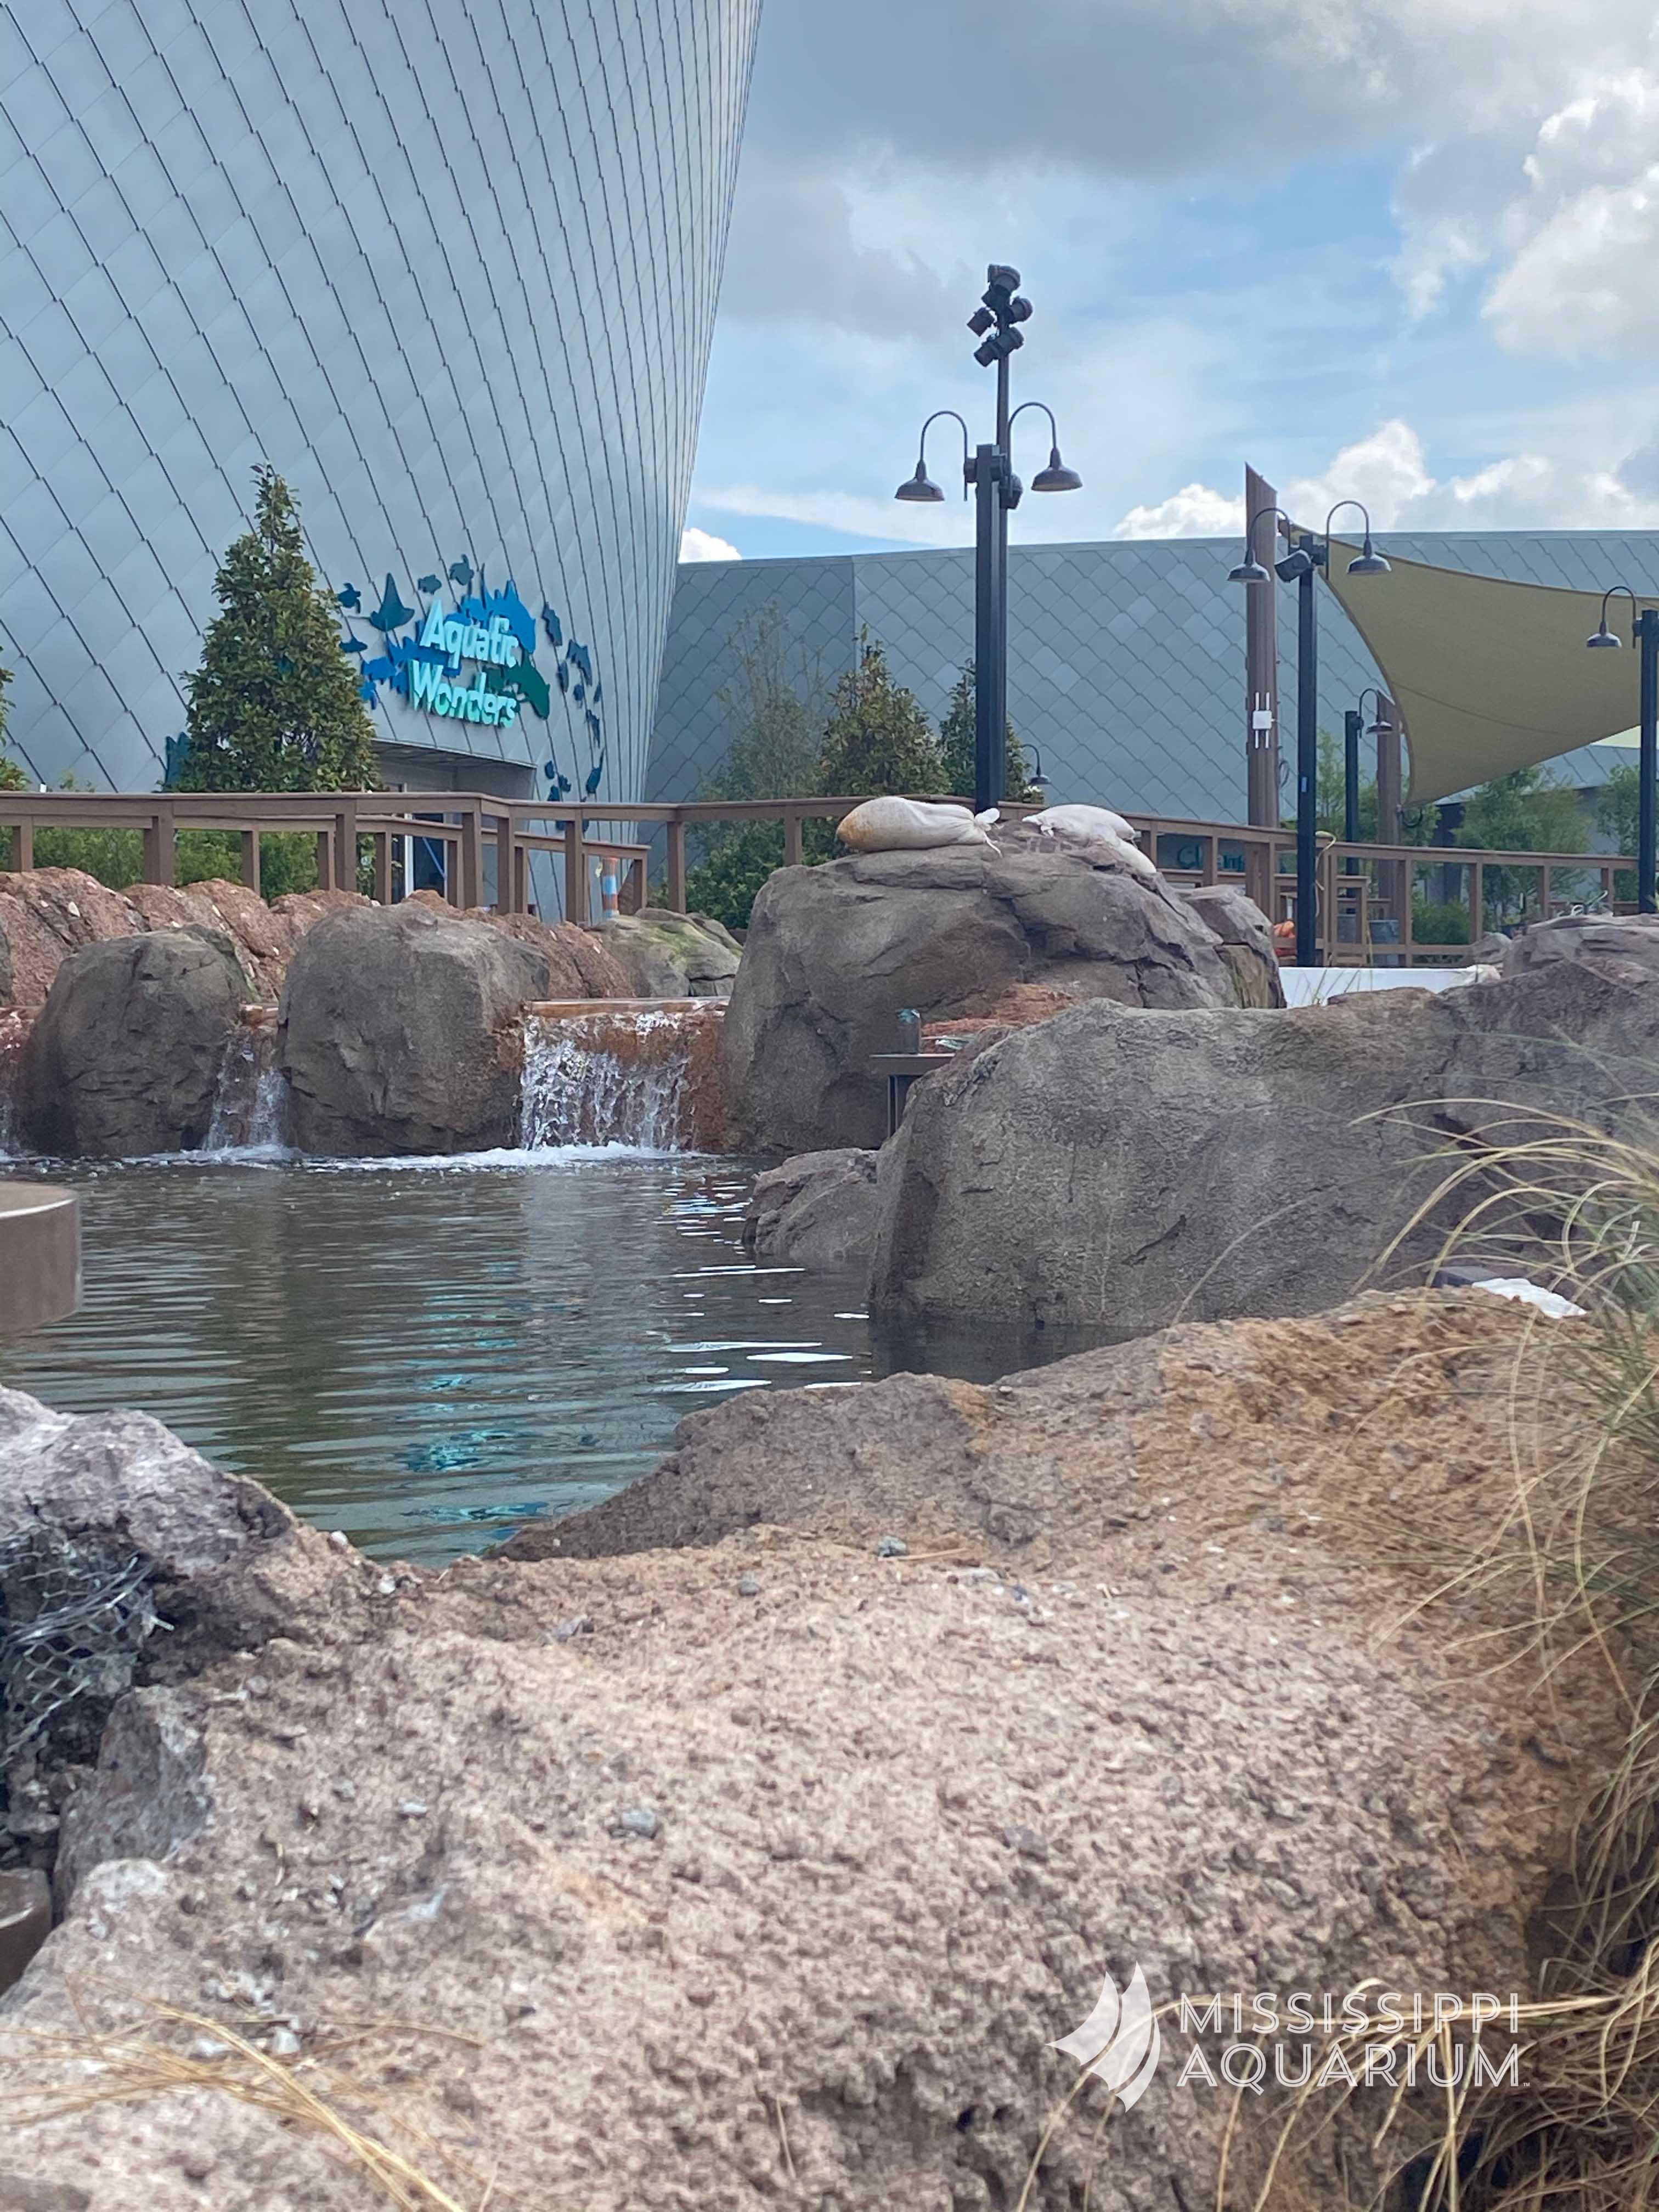 Mississippi Aquarium River